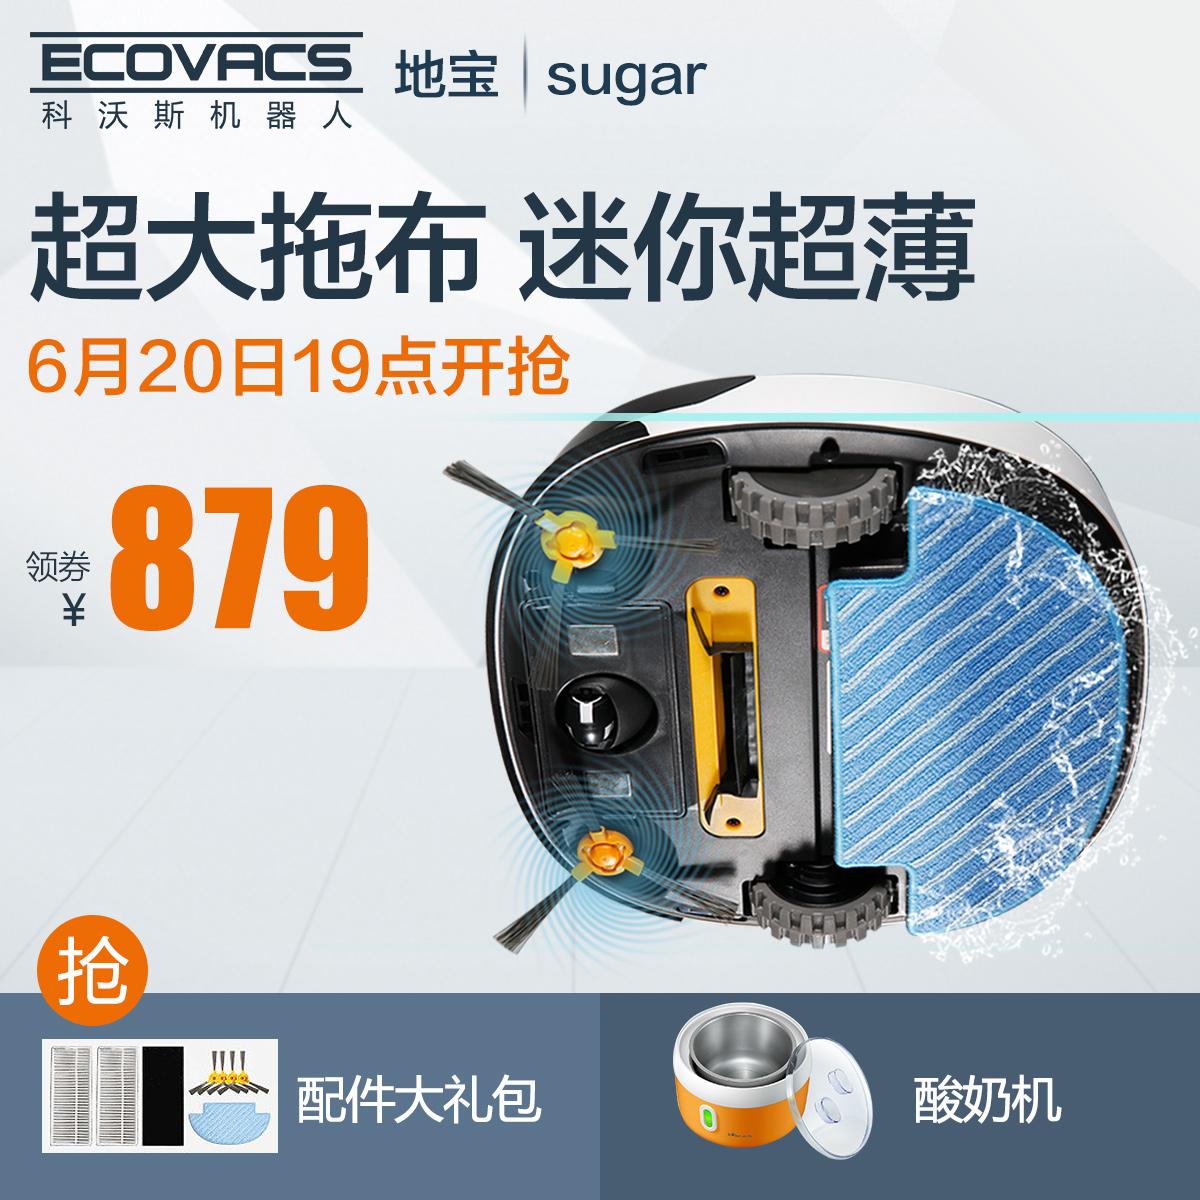 Электрощётка половая Ecovacs  80 Sugar